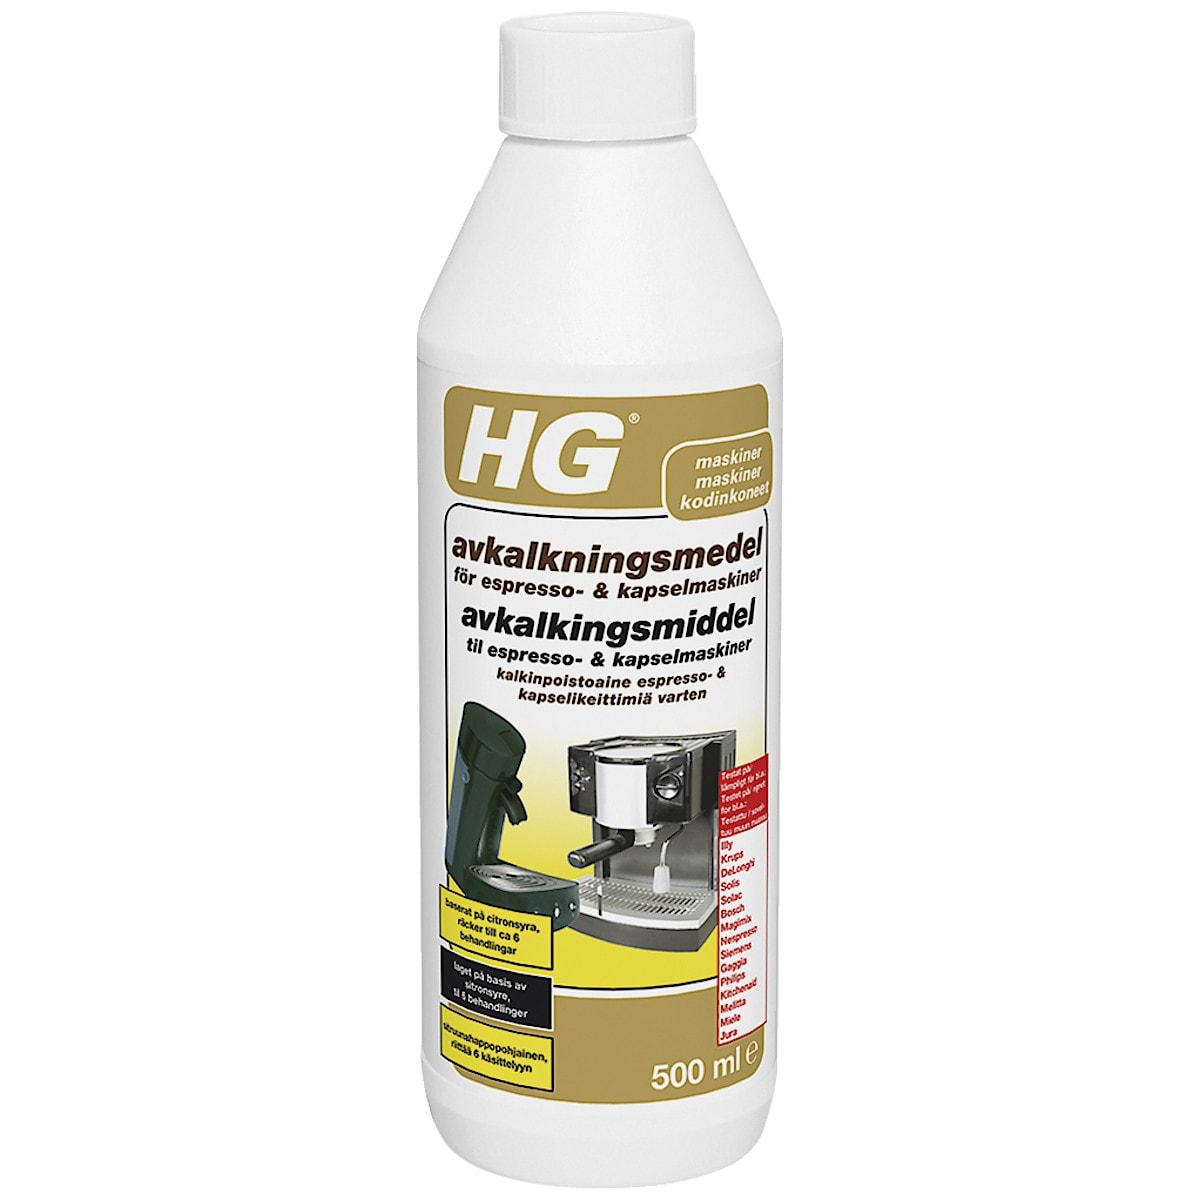 Avkalkningsmedel för kaffemaskiner HG